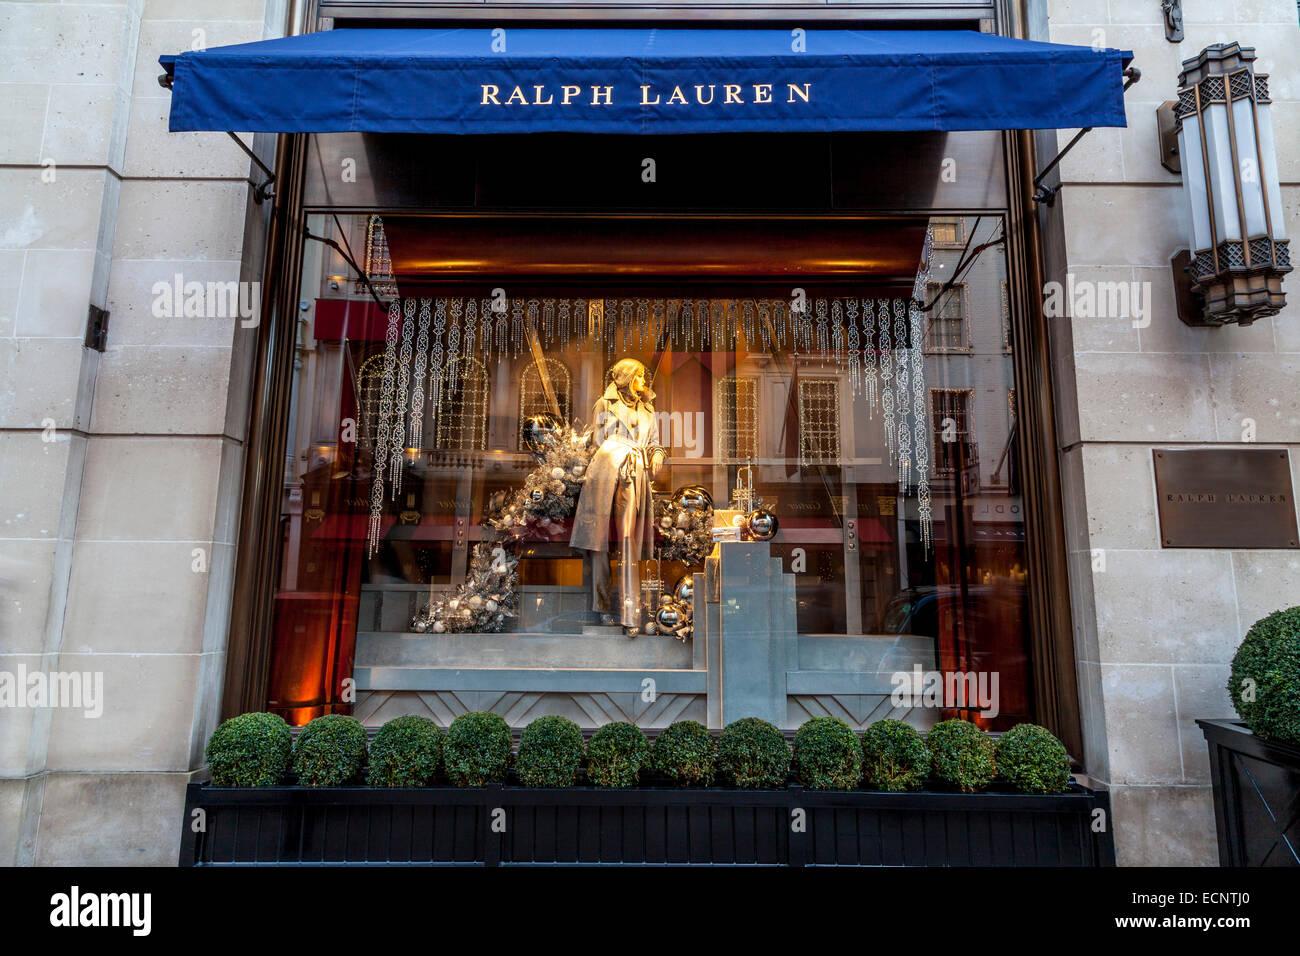 Afficher la fenêtre au magasin Ralph Lauren à New Bond Street, Londres,  Angleterre 3ec6030c0e3